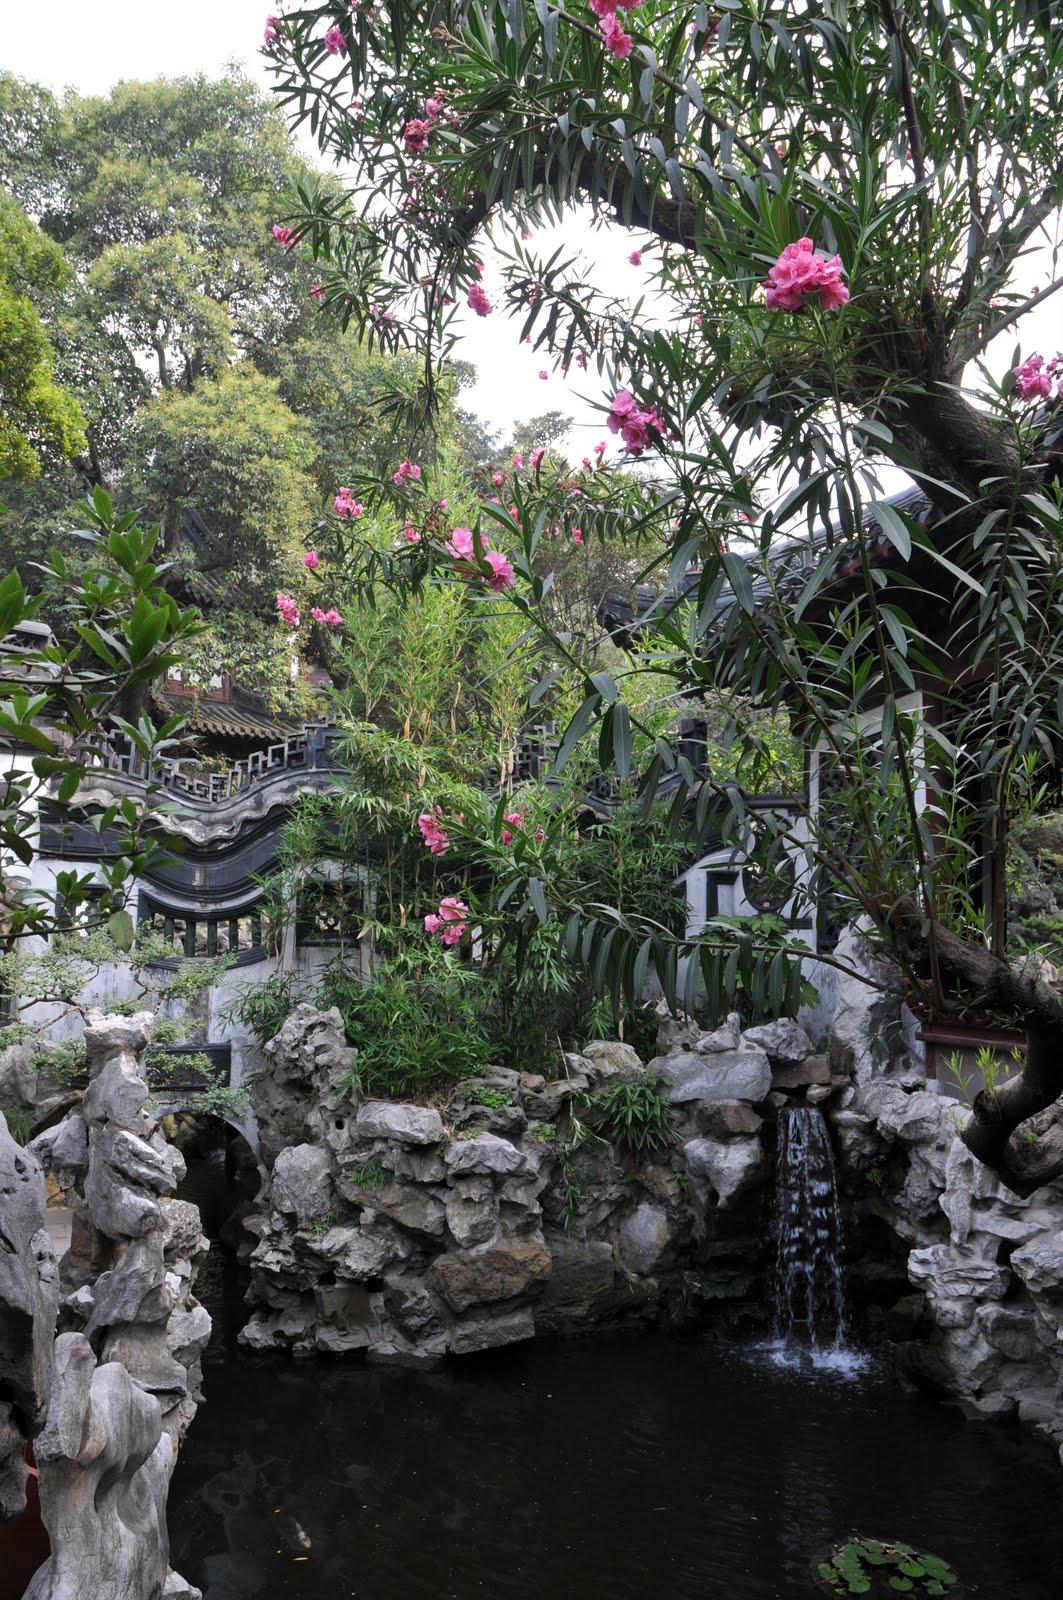 Blogtrotter le jardin yu shanghai for Jardin yu shanghai